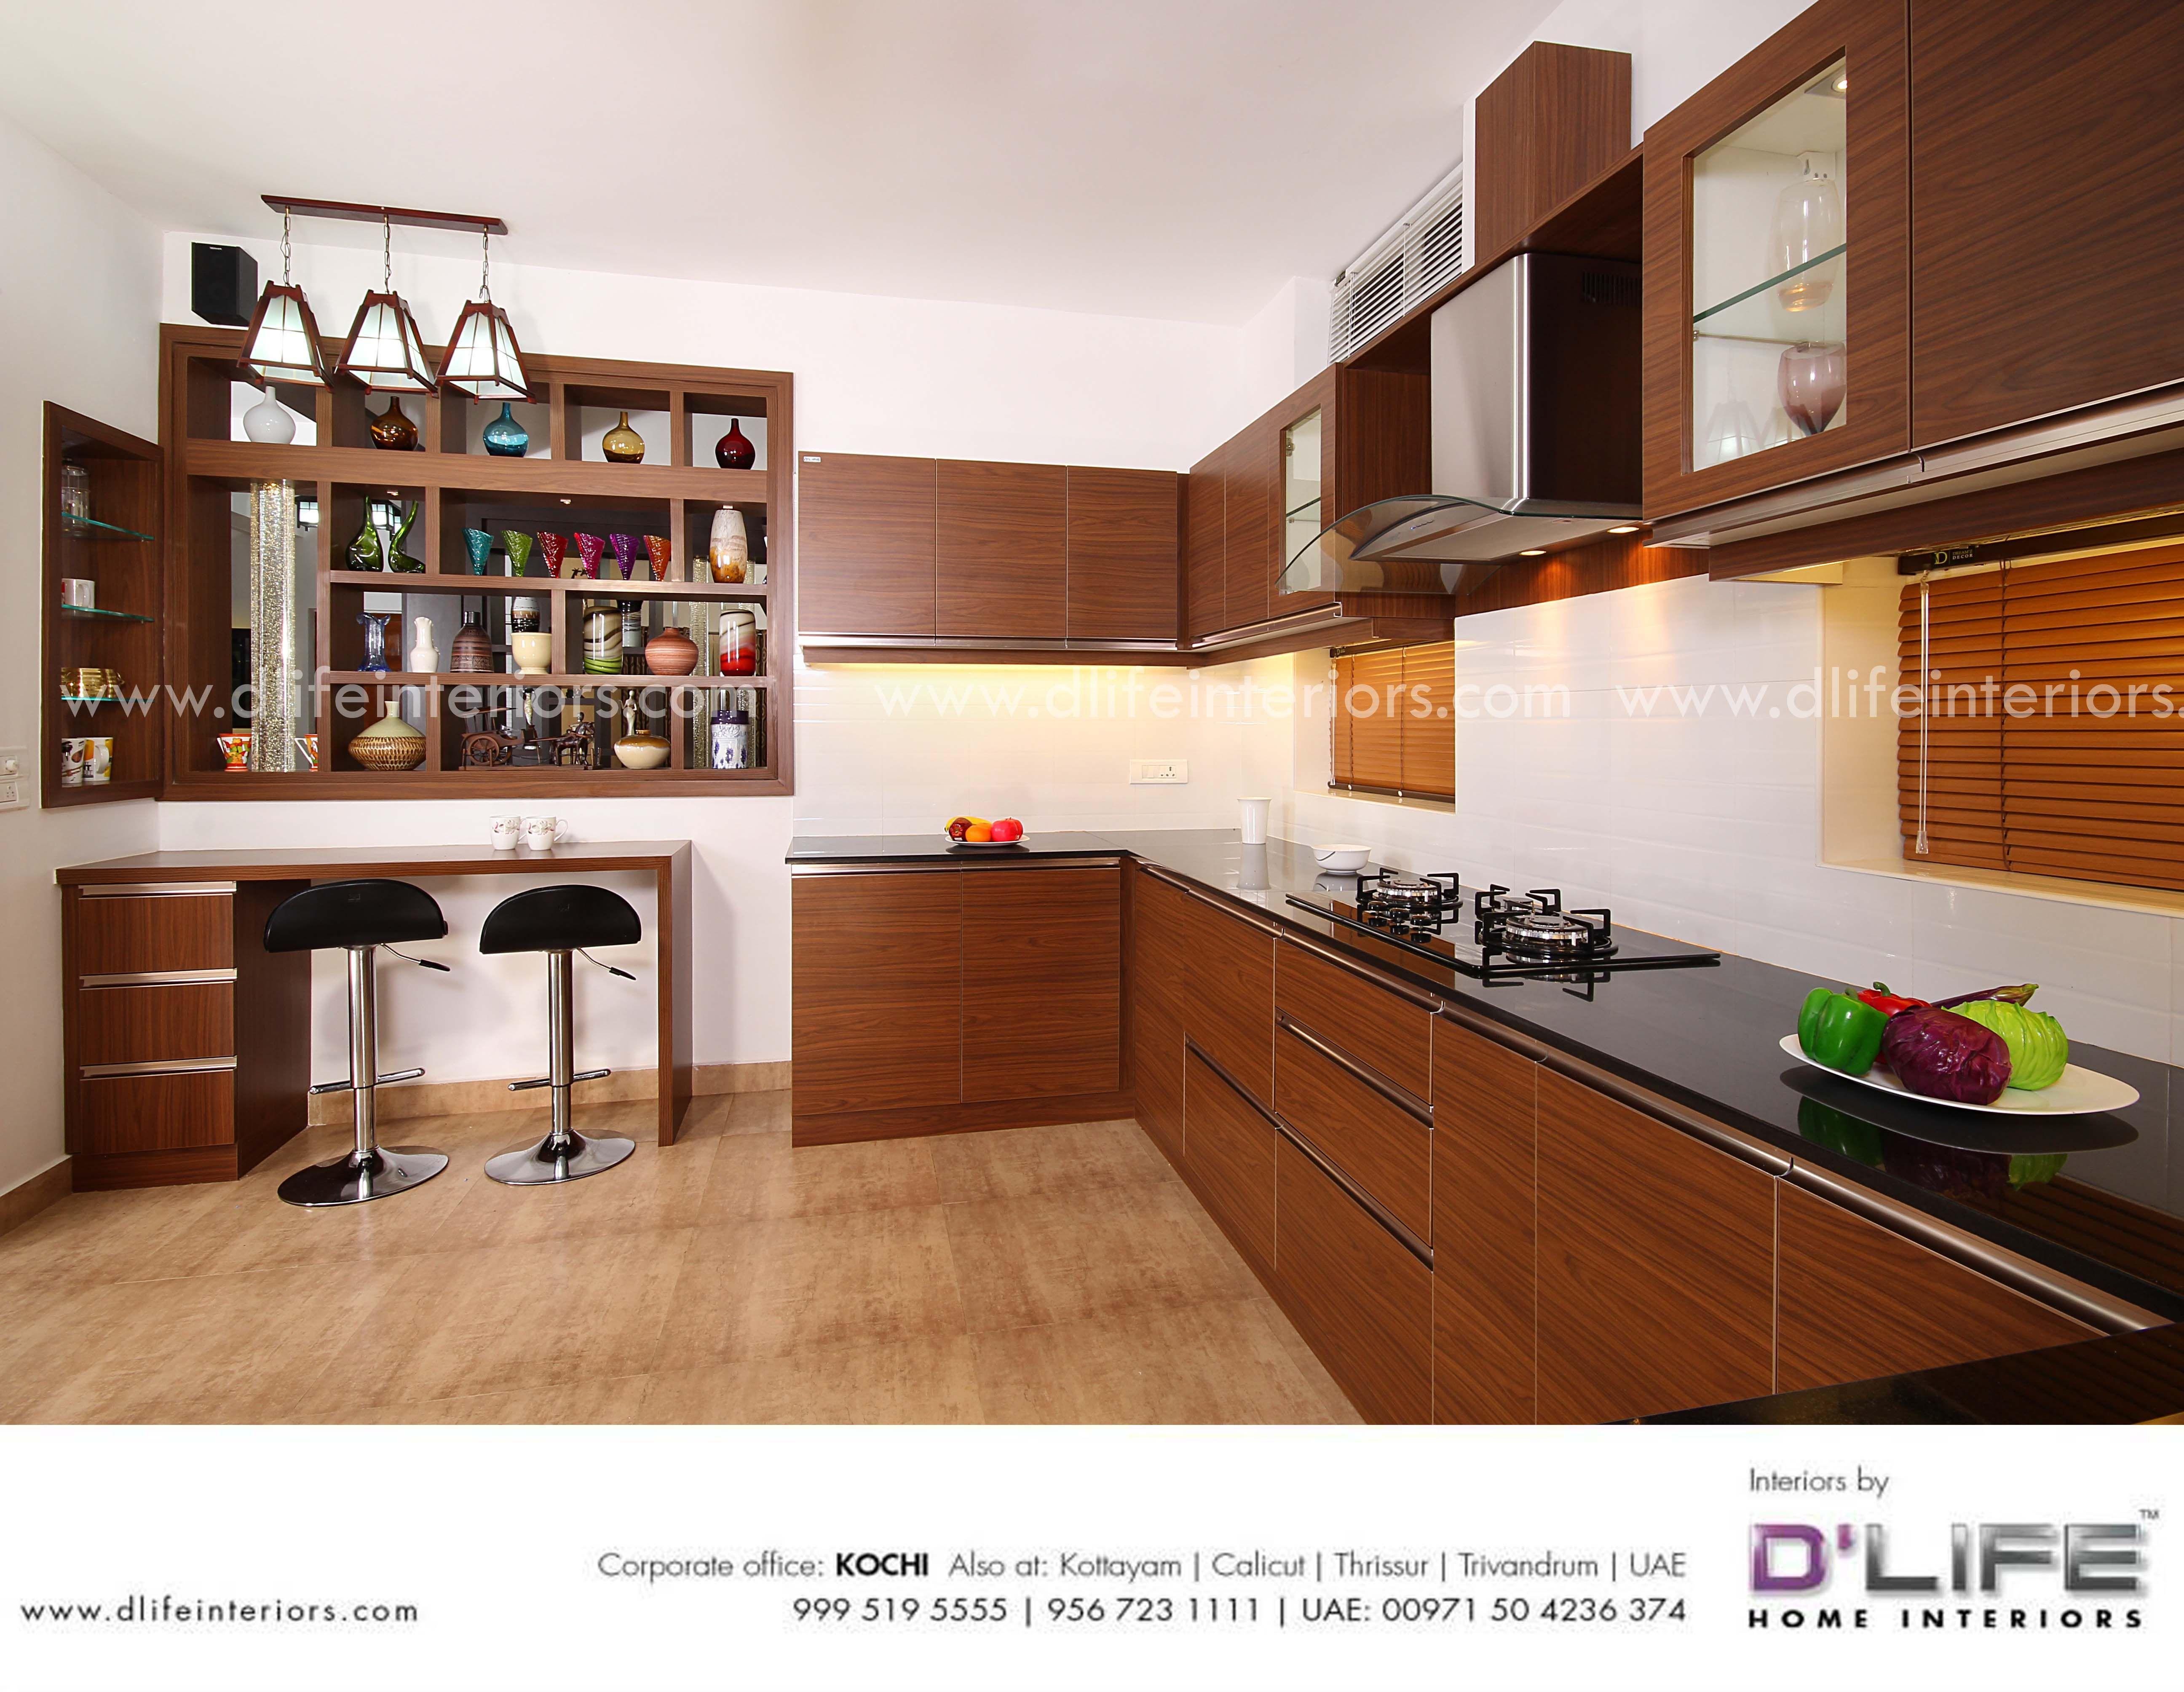 D'life home interiors kochi kerala dulife home interiors dlife a pinteresten